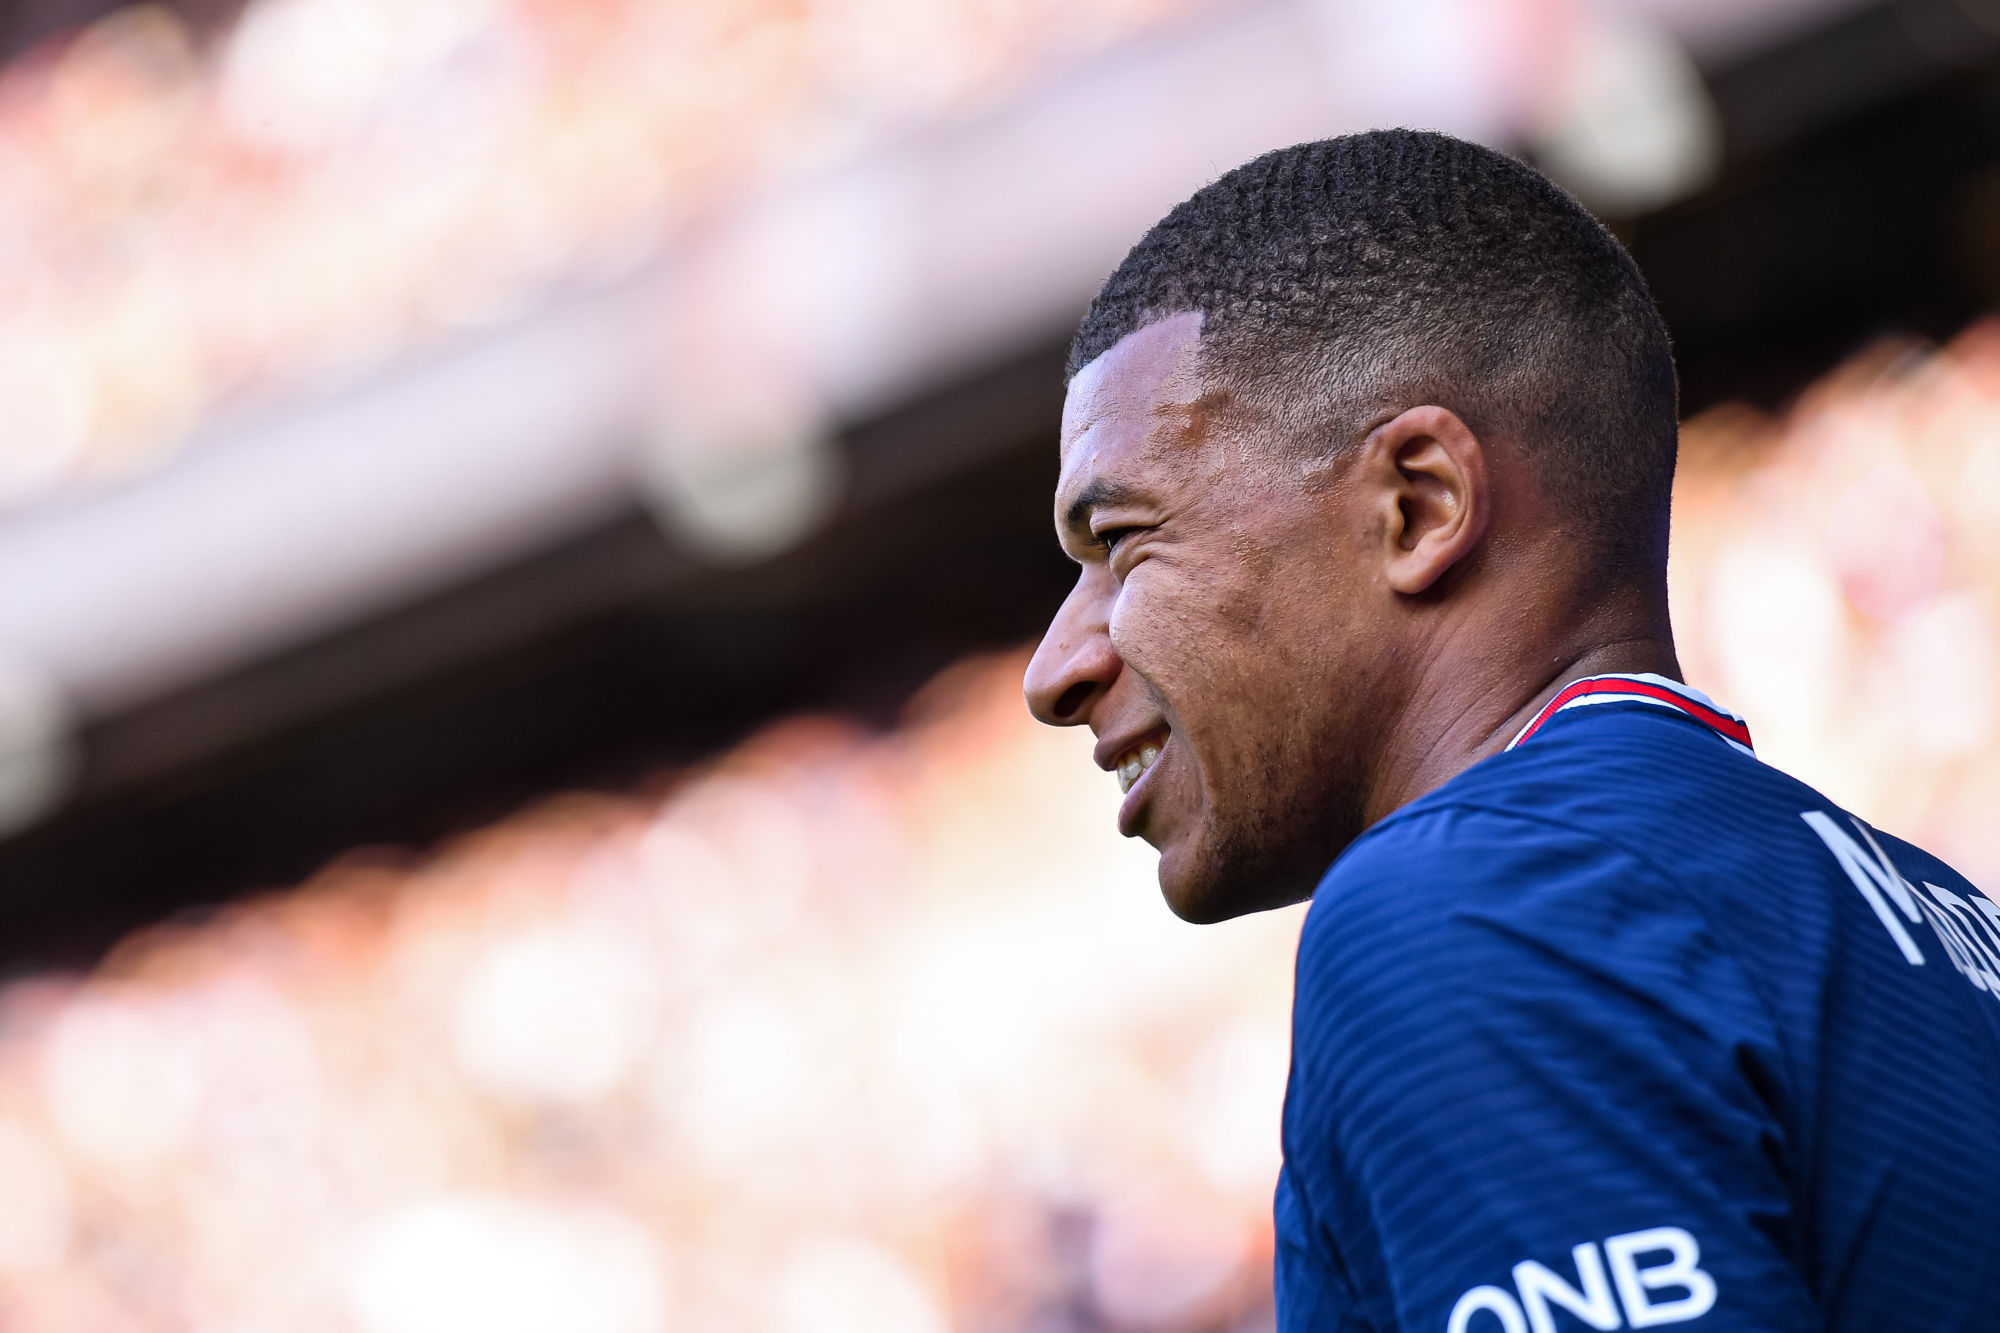 PSG/Clermont (4-0) – Les tops et flops : Mbappé, Herrera, Hakimi essentiels